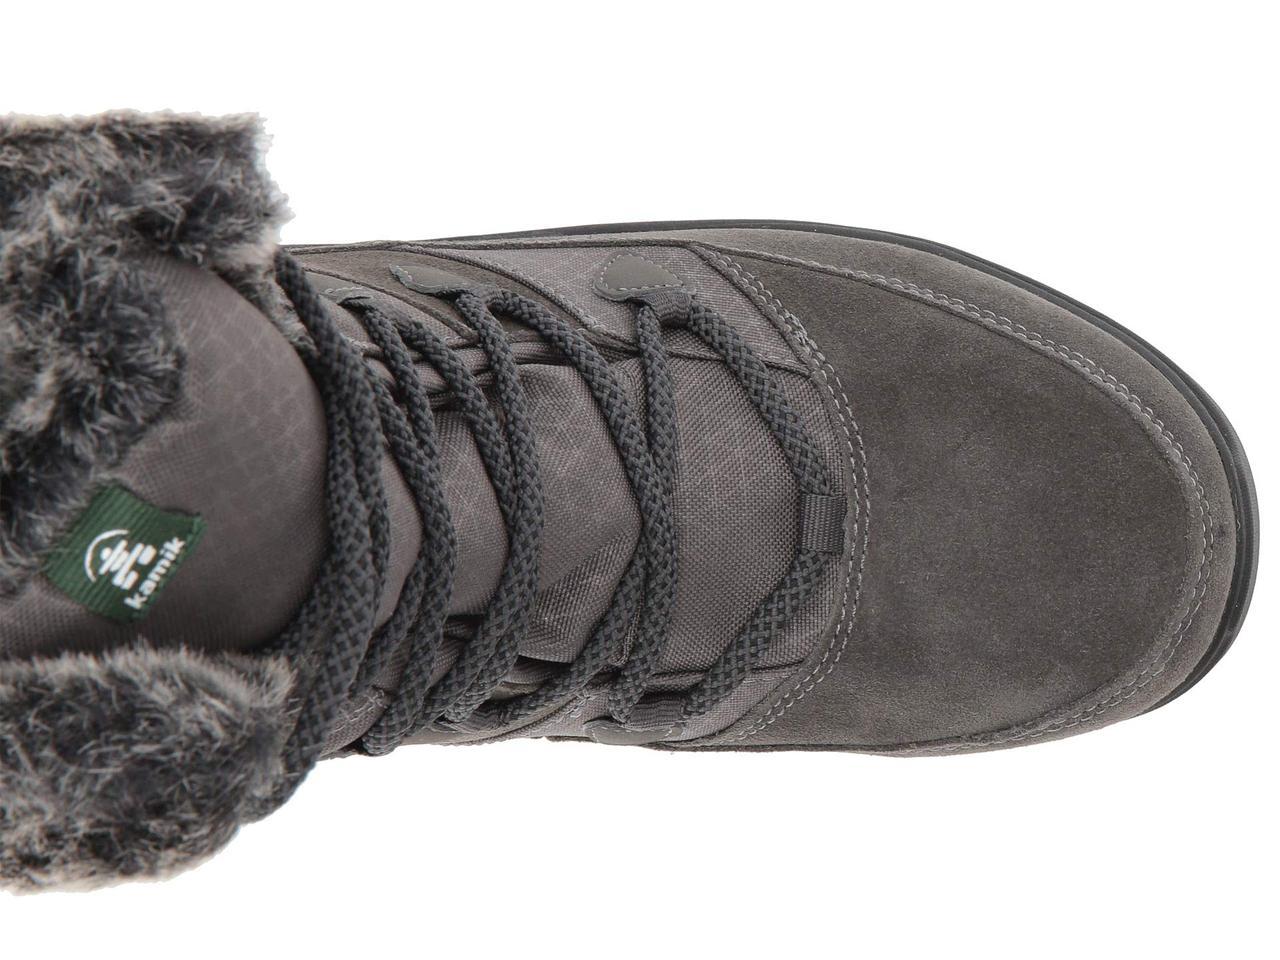 arctic fox обувь размерная сетка